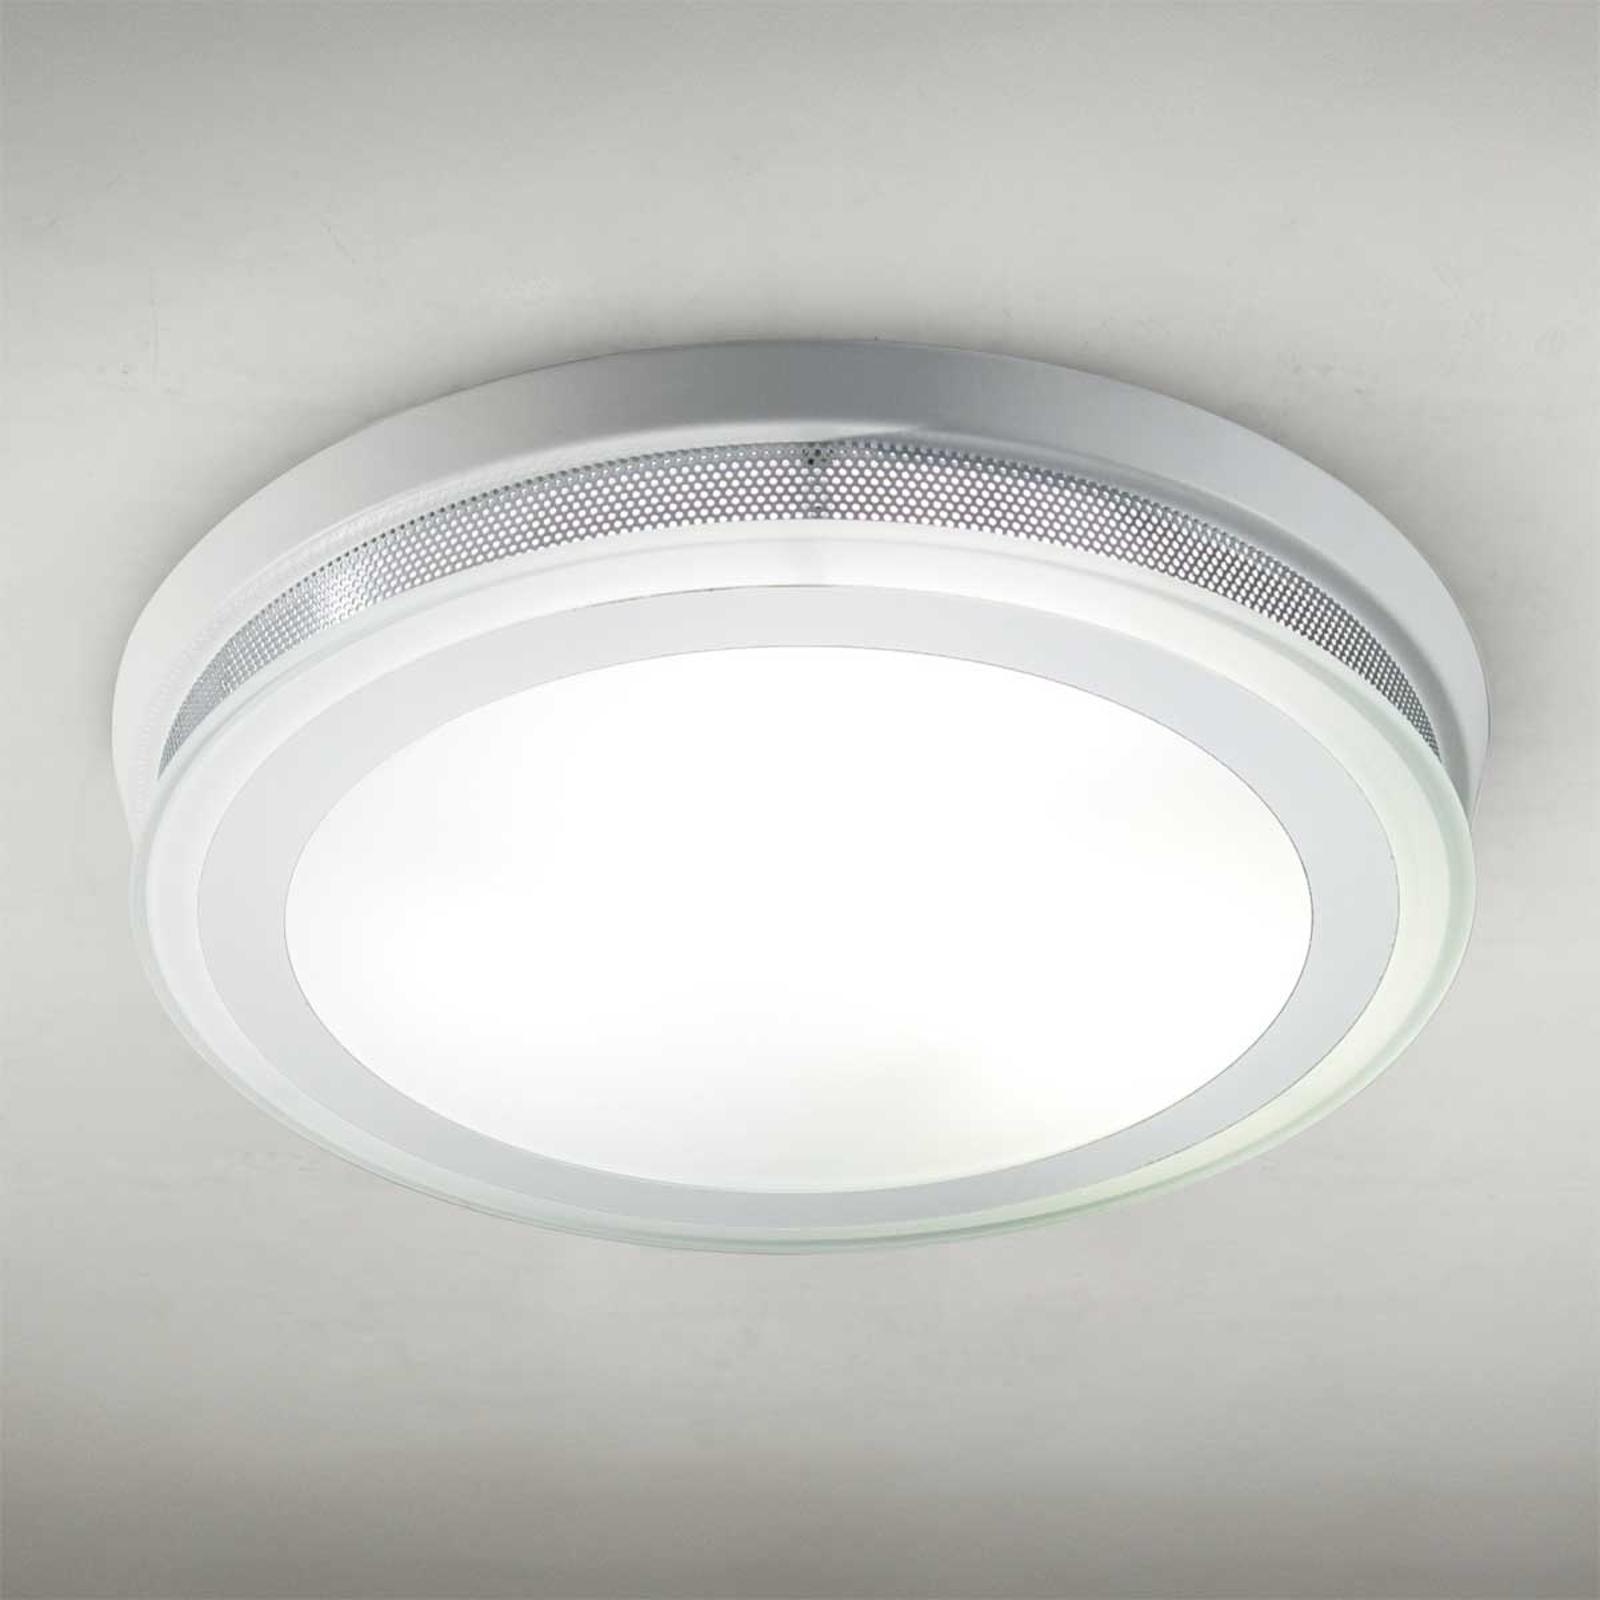 Okrągła lampa sufitowa RING 9115 37 cm biała